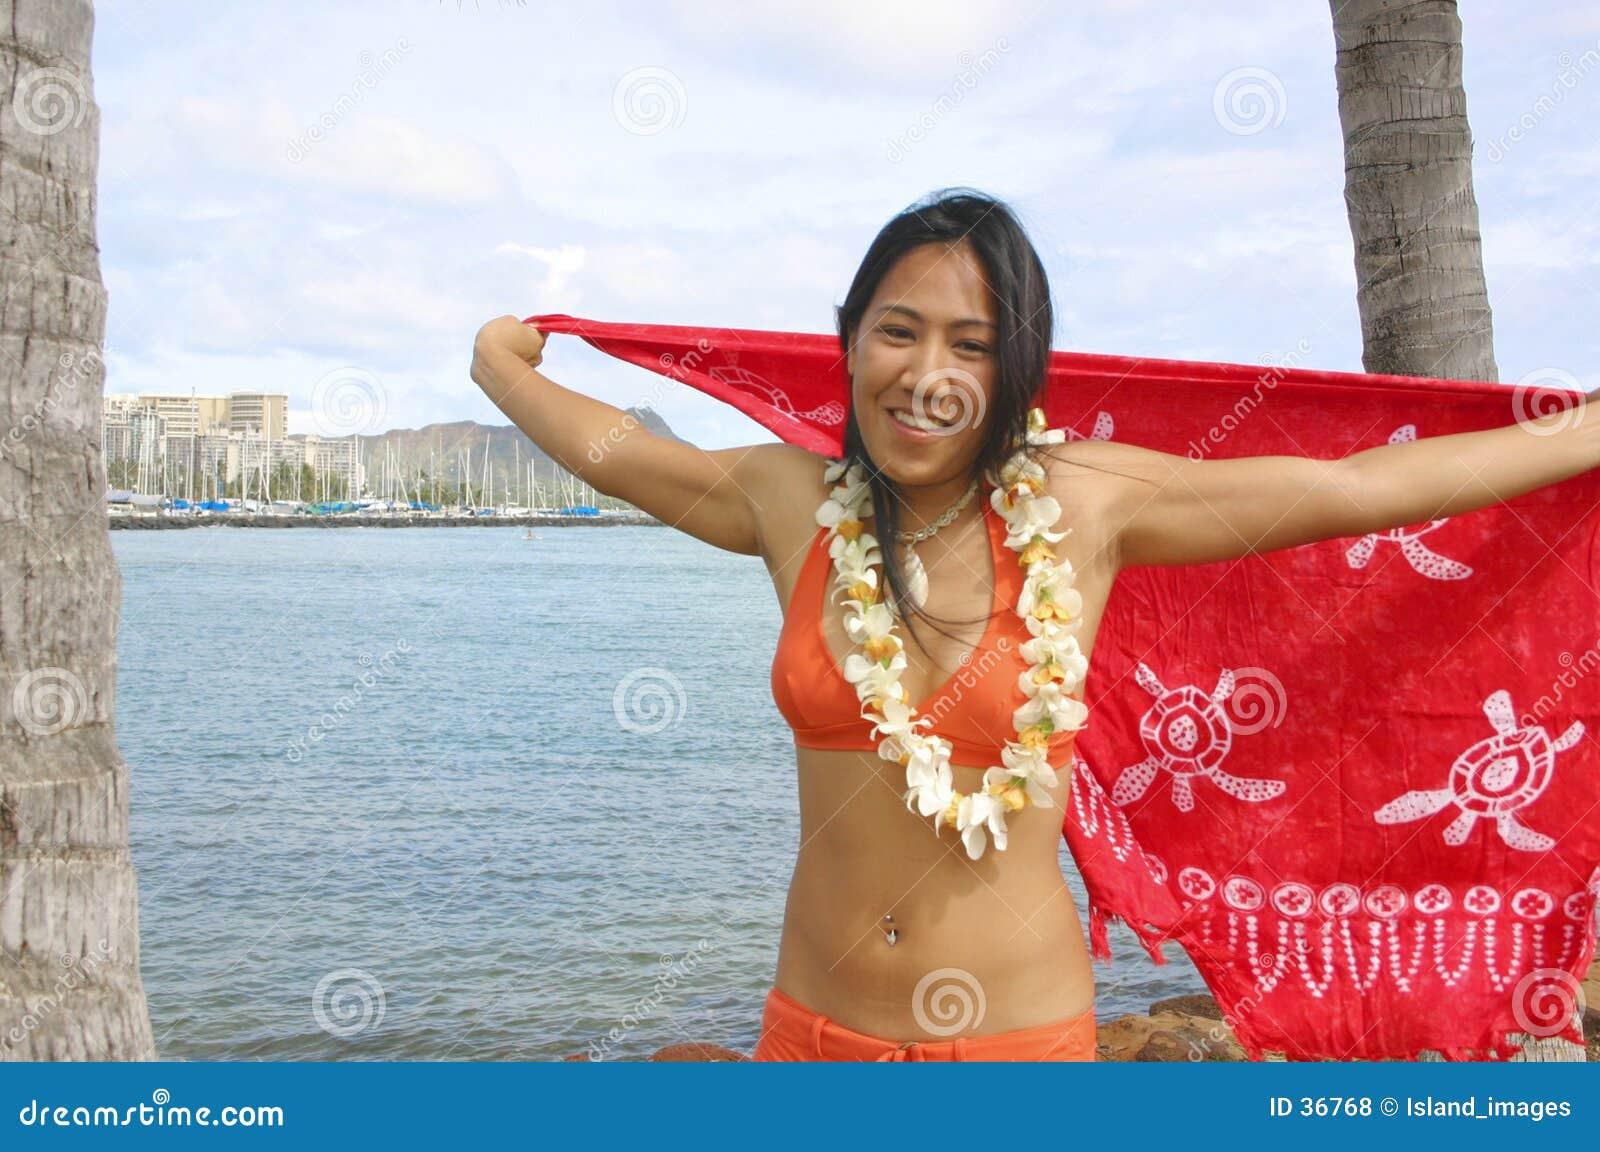 Hawaiian girl in Bikini